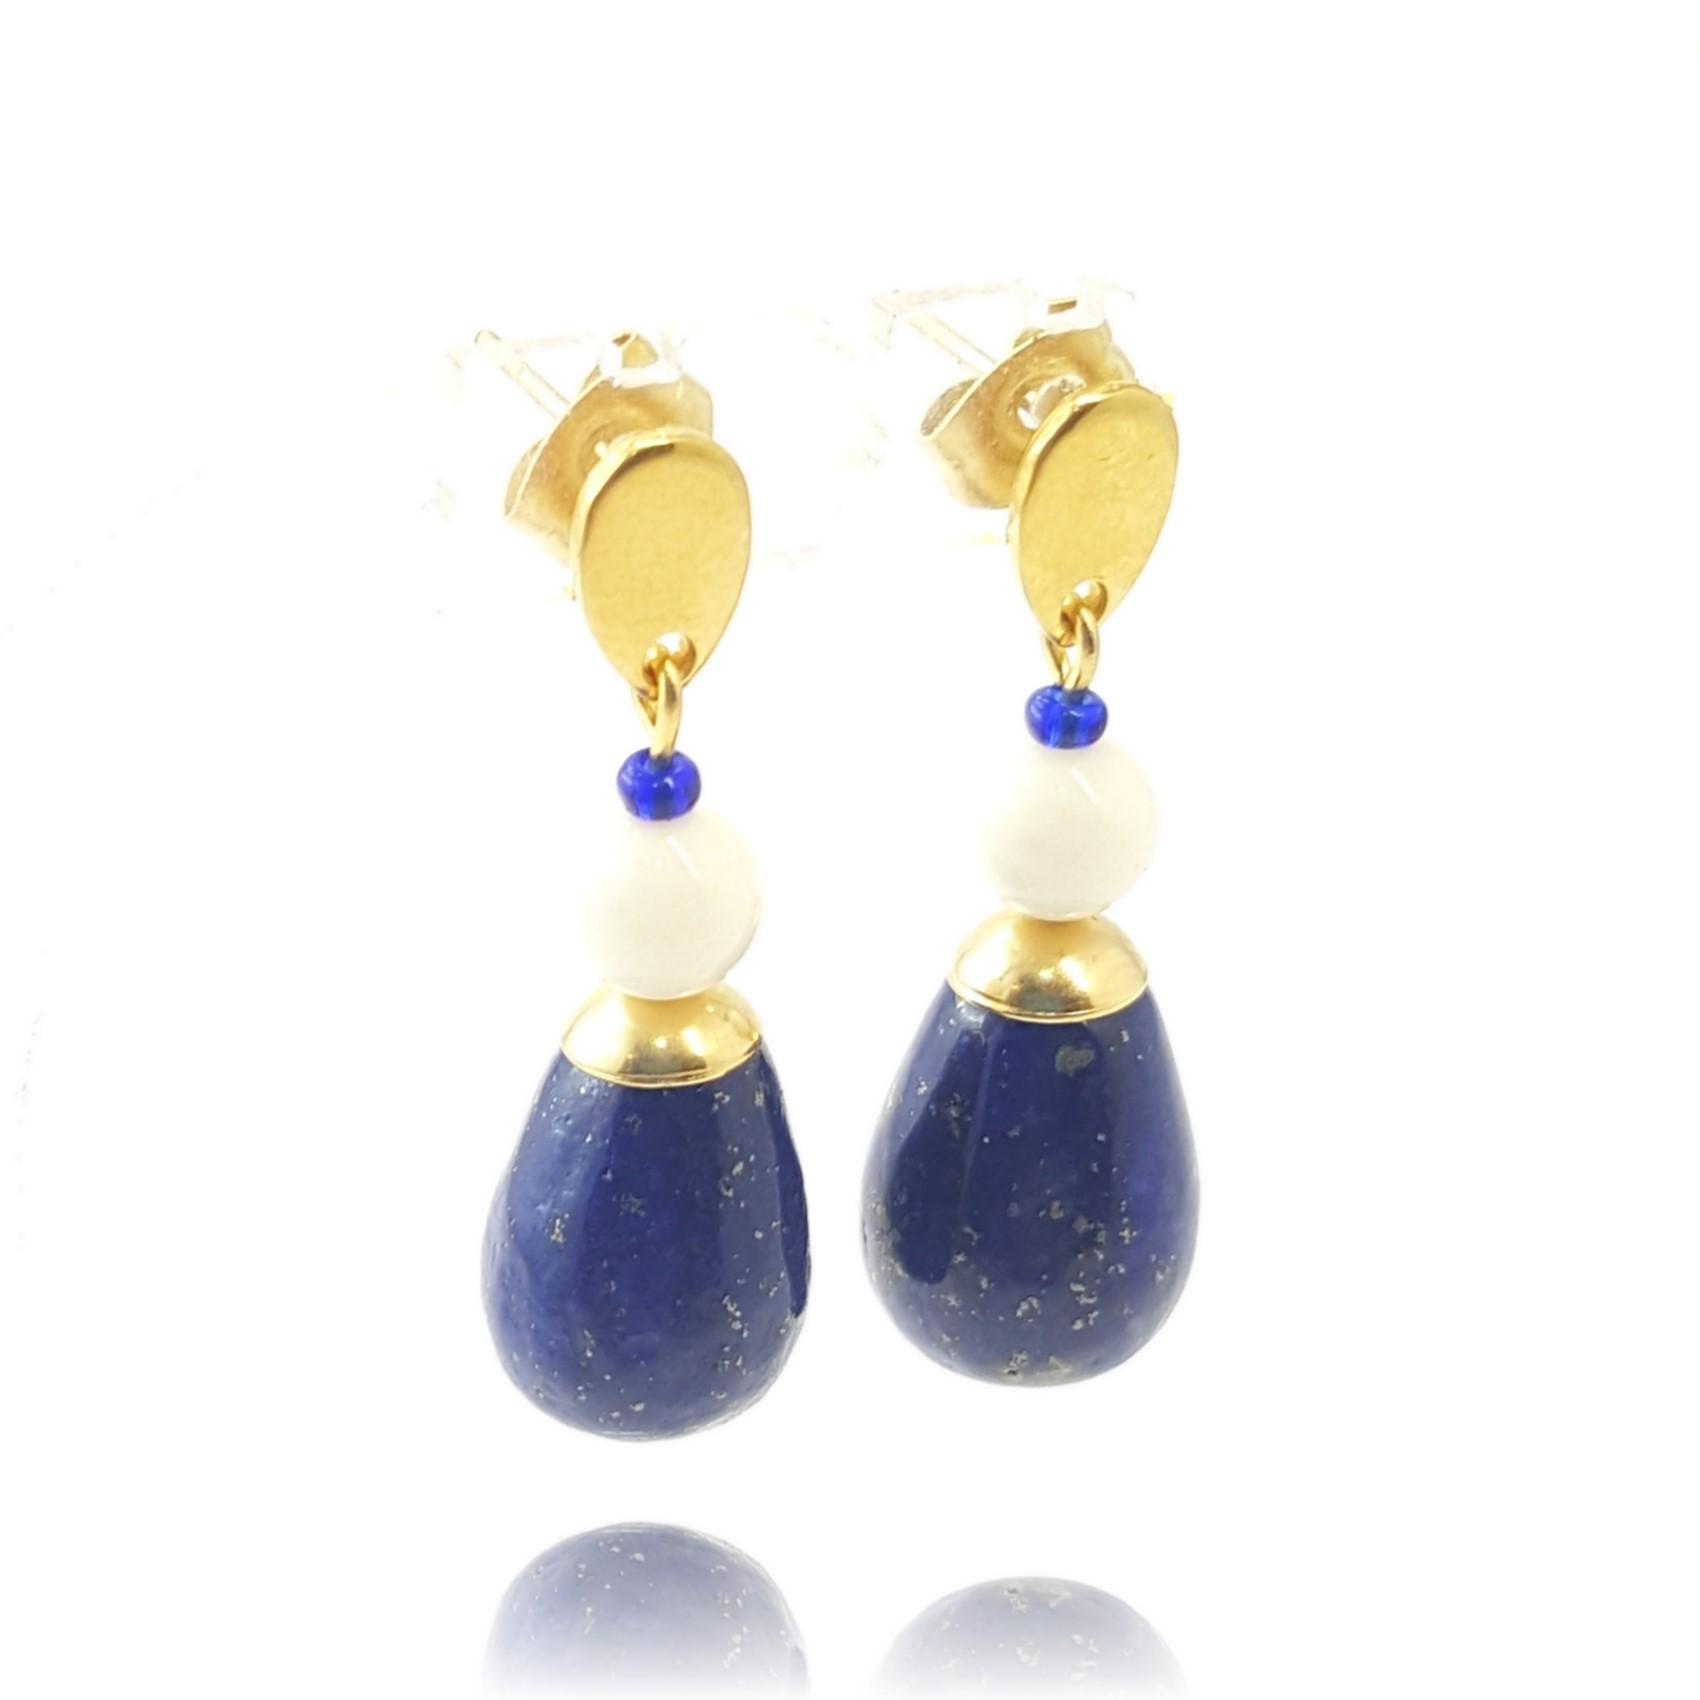 boucles d'oreilles lapis lazuli et acier doré - identites bijoux